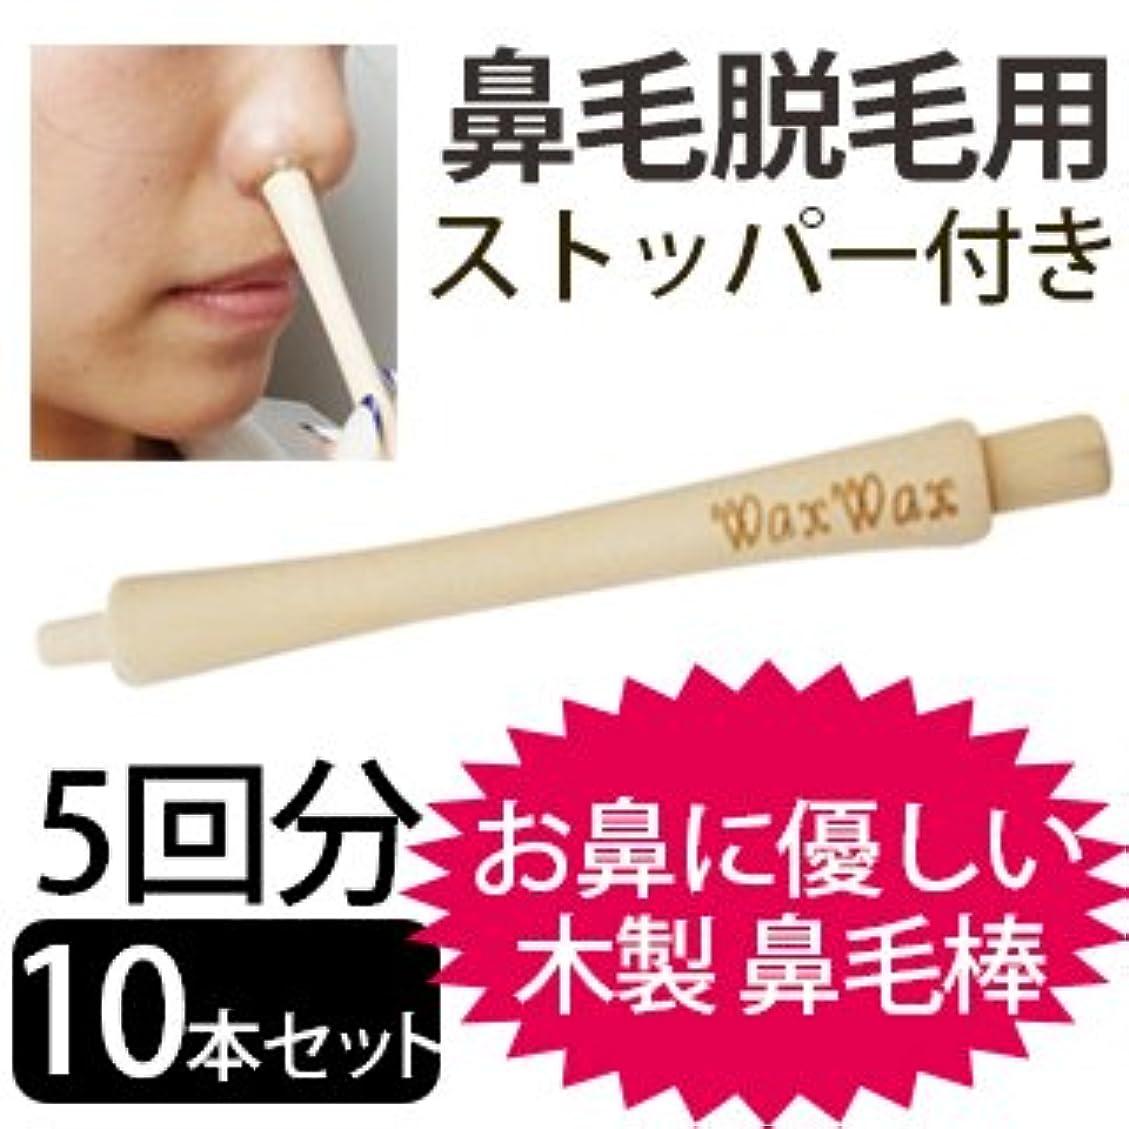 製造業原子地味なWaxWax 鼻毛脱毛 ストッパー付きウッドスティック 10本 ワックス 脱毛